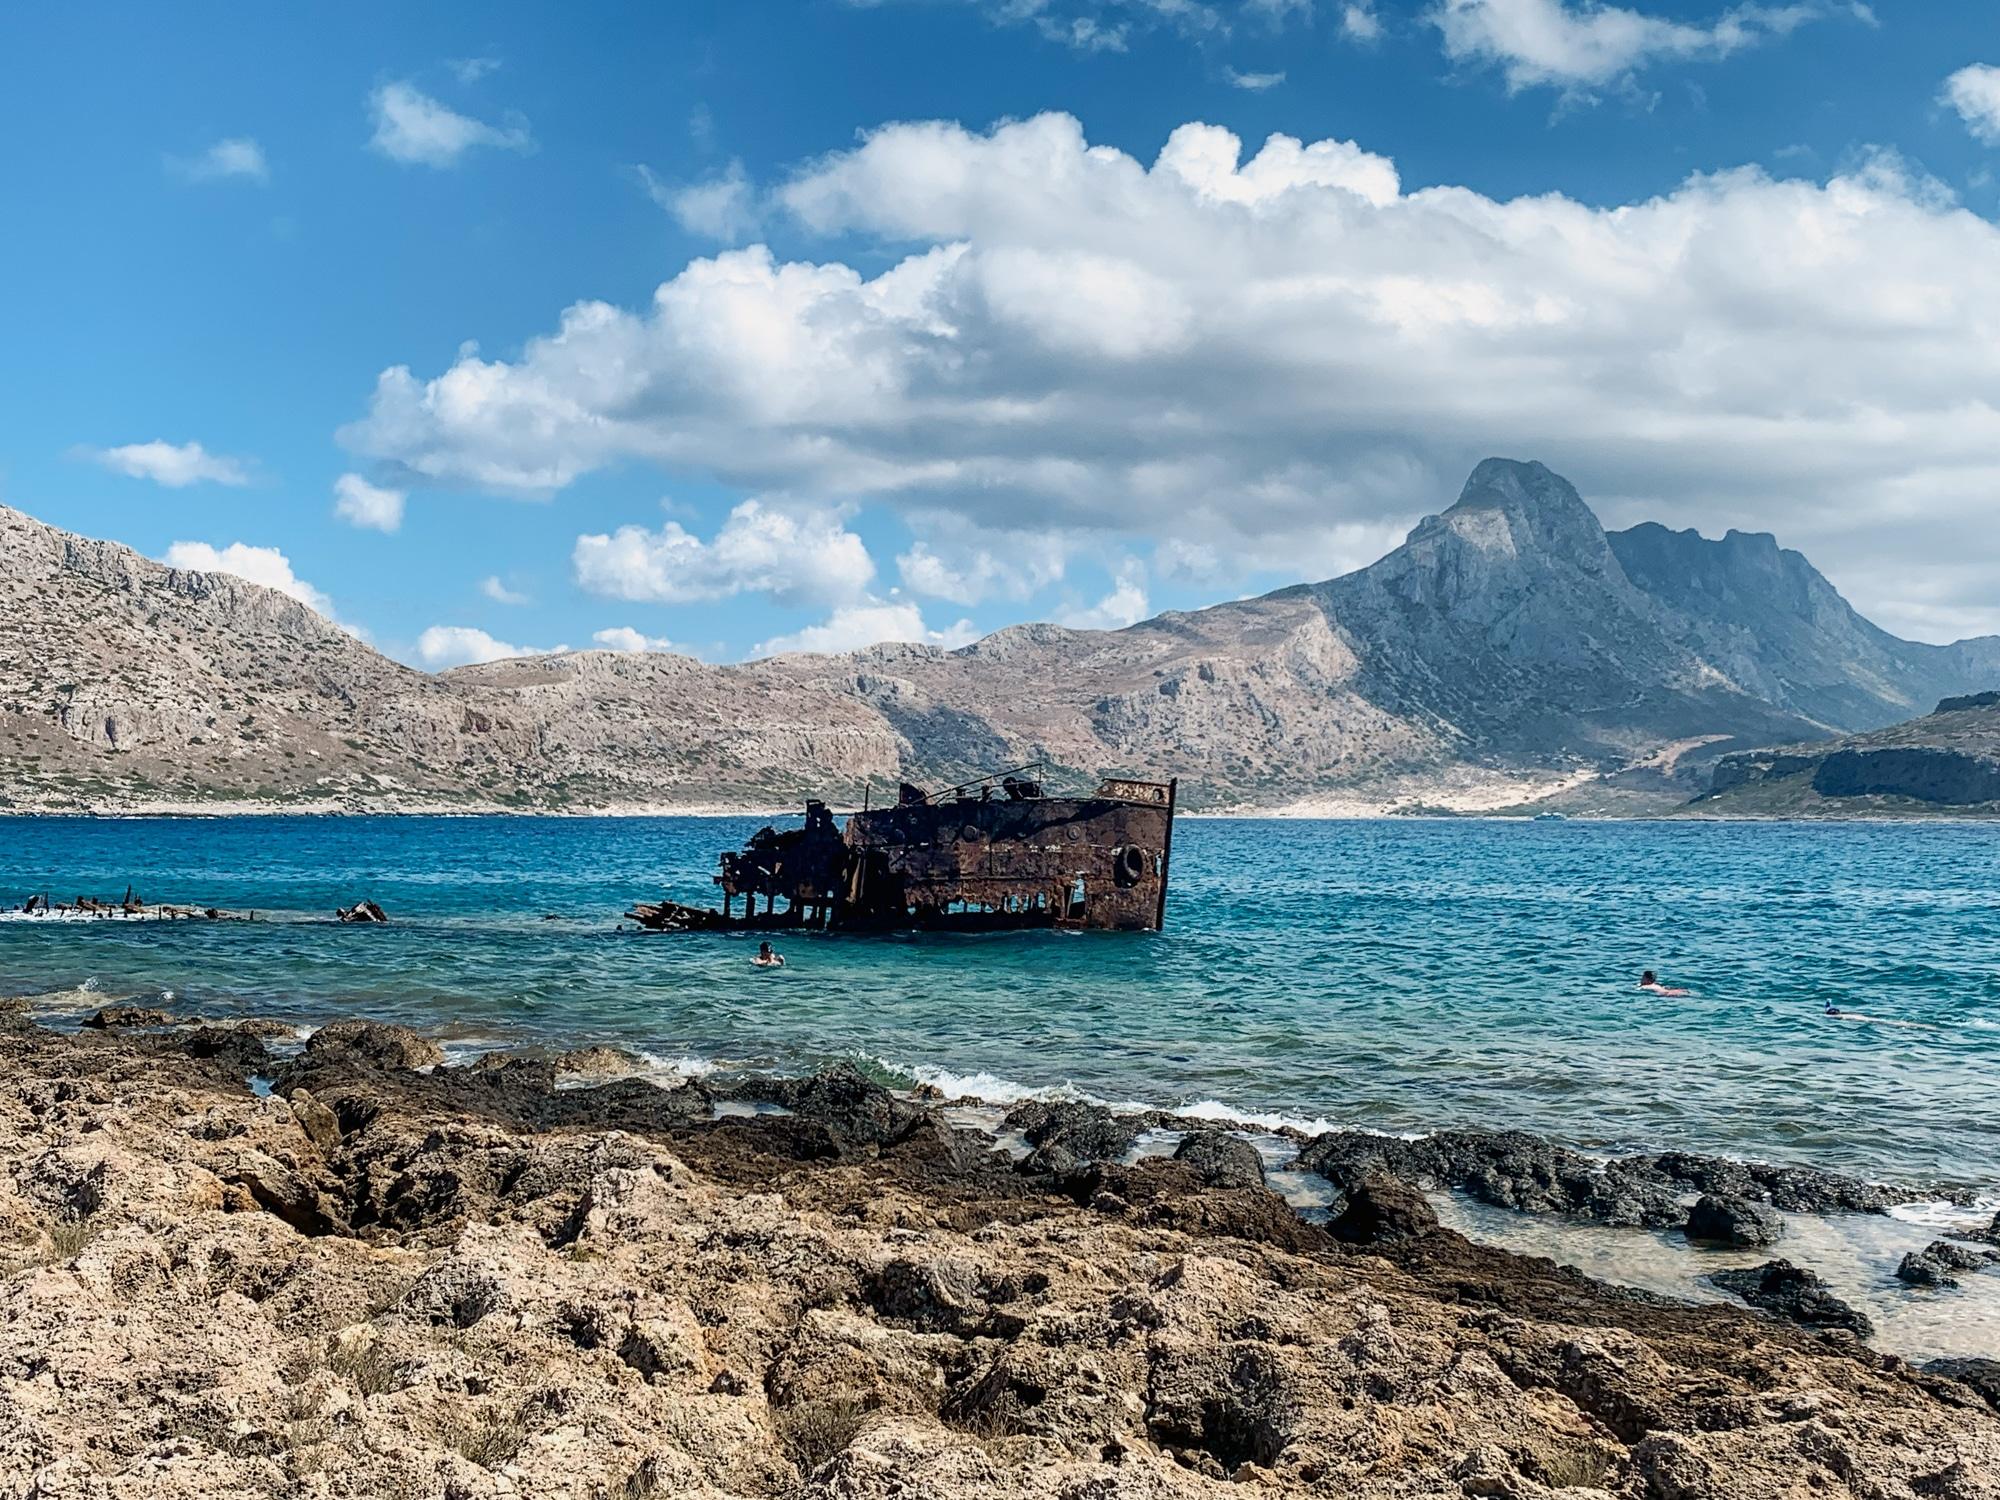 Schönste Strände auf Kreta: Das sind die sechs schönsten Kreta Strände - Gramvousa Pirateninsel Schiffswrack